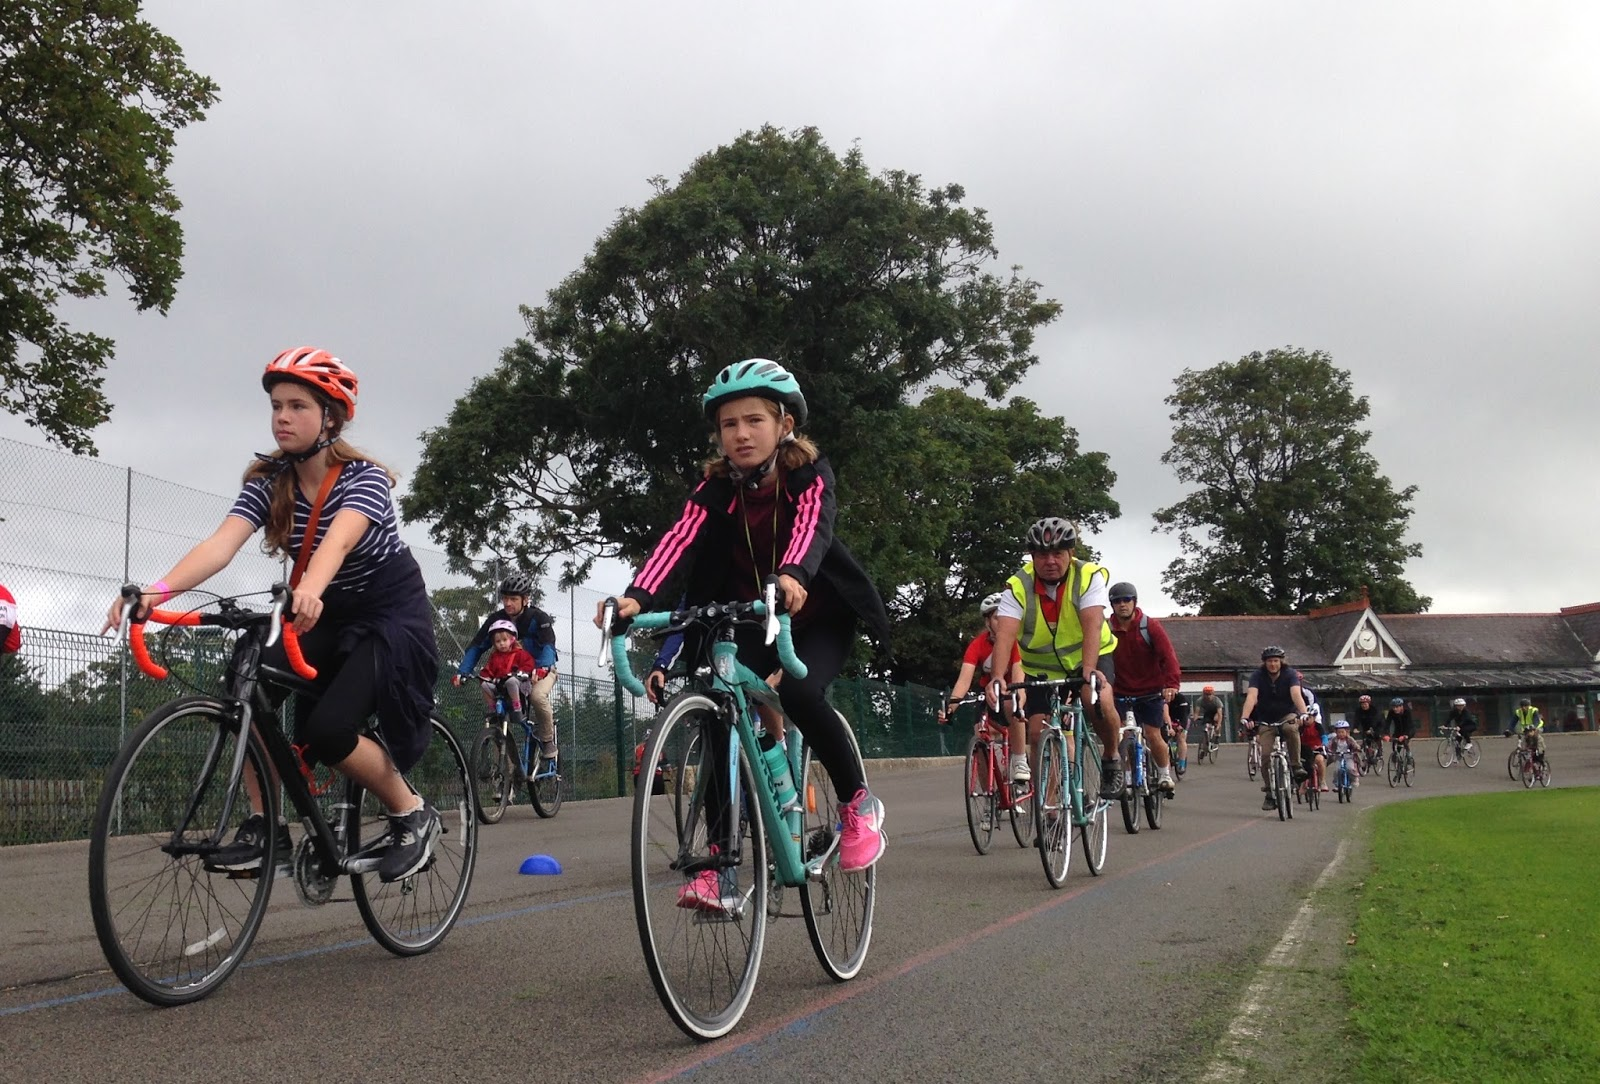 FitBits Brighton | Save Preston Park Cycle Track ride 2015